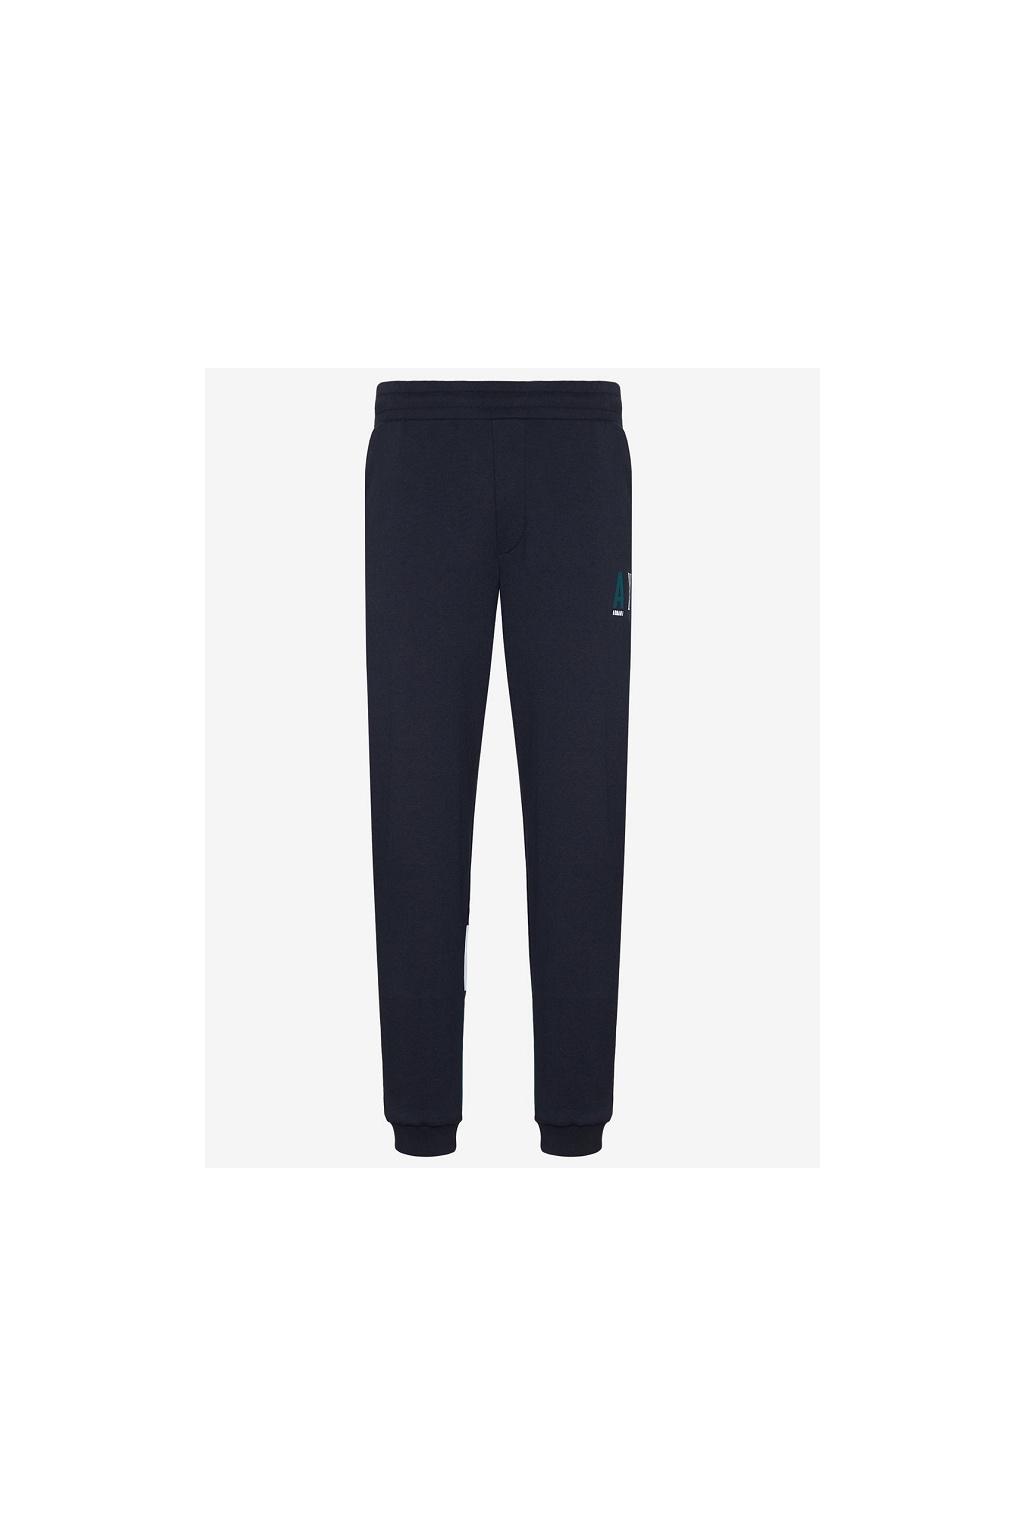 6GZPAE ZJ1IZ Pánské teplákové kalhoty Armani Exchange modré